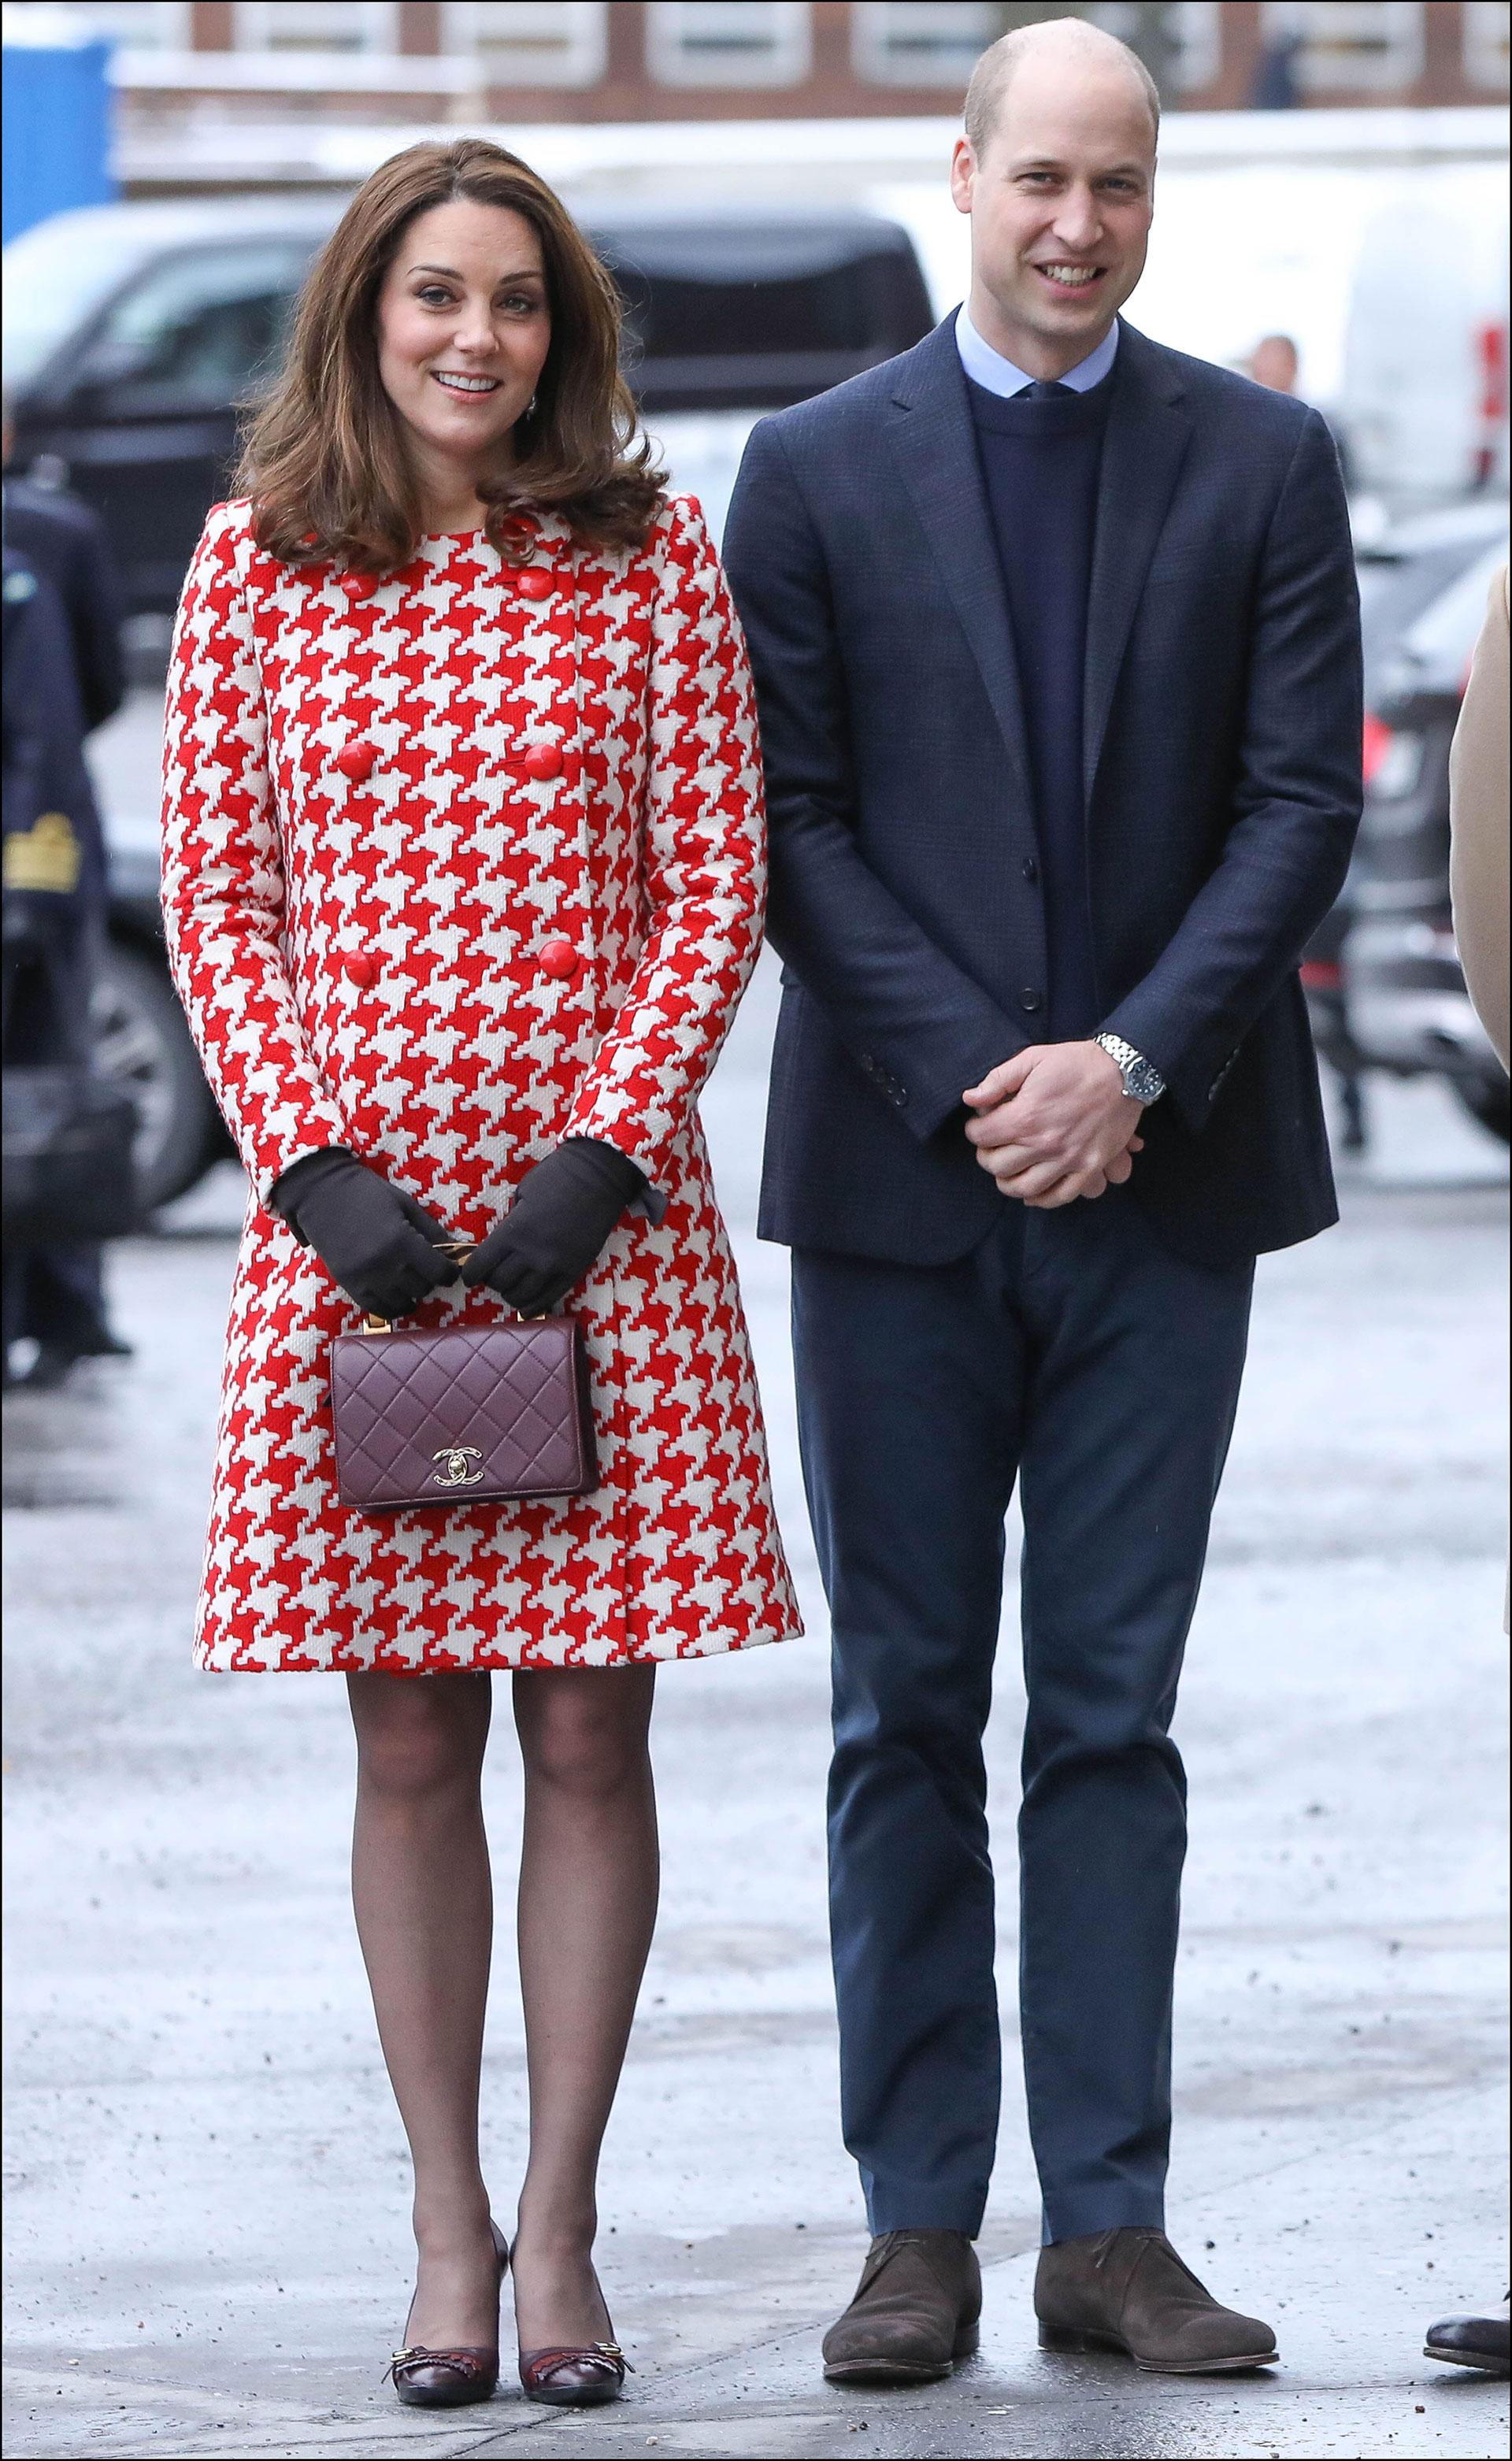 Kate Middleton con abrigo pied de Coq y cartera Chanel